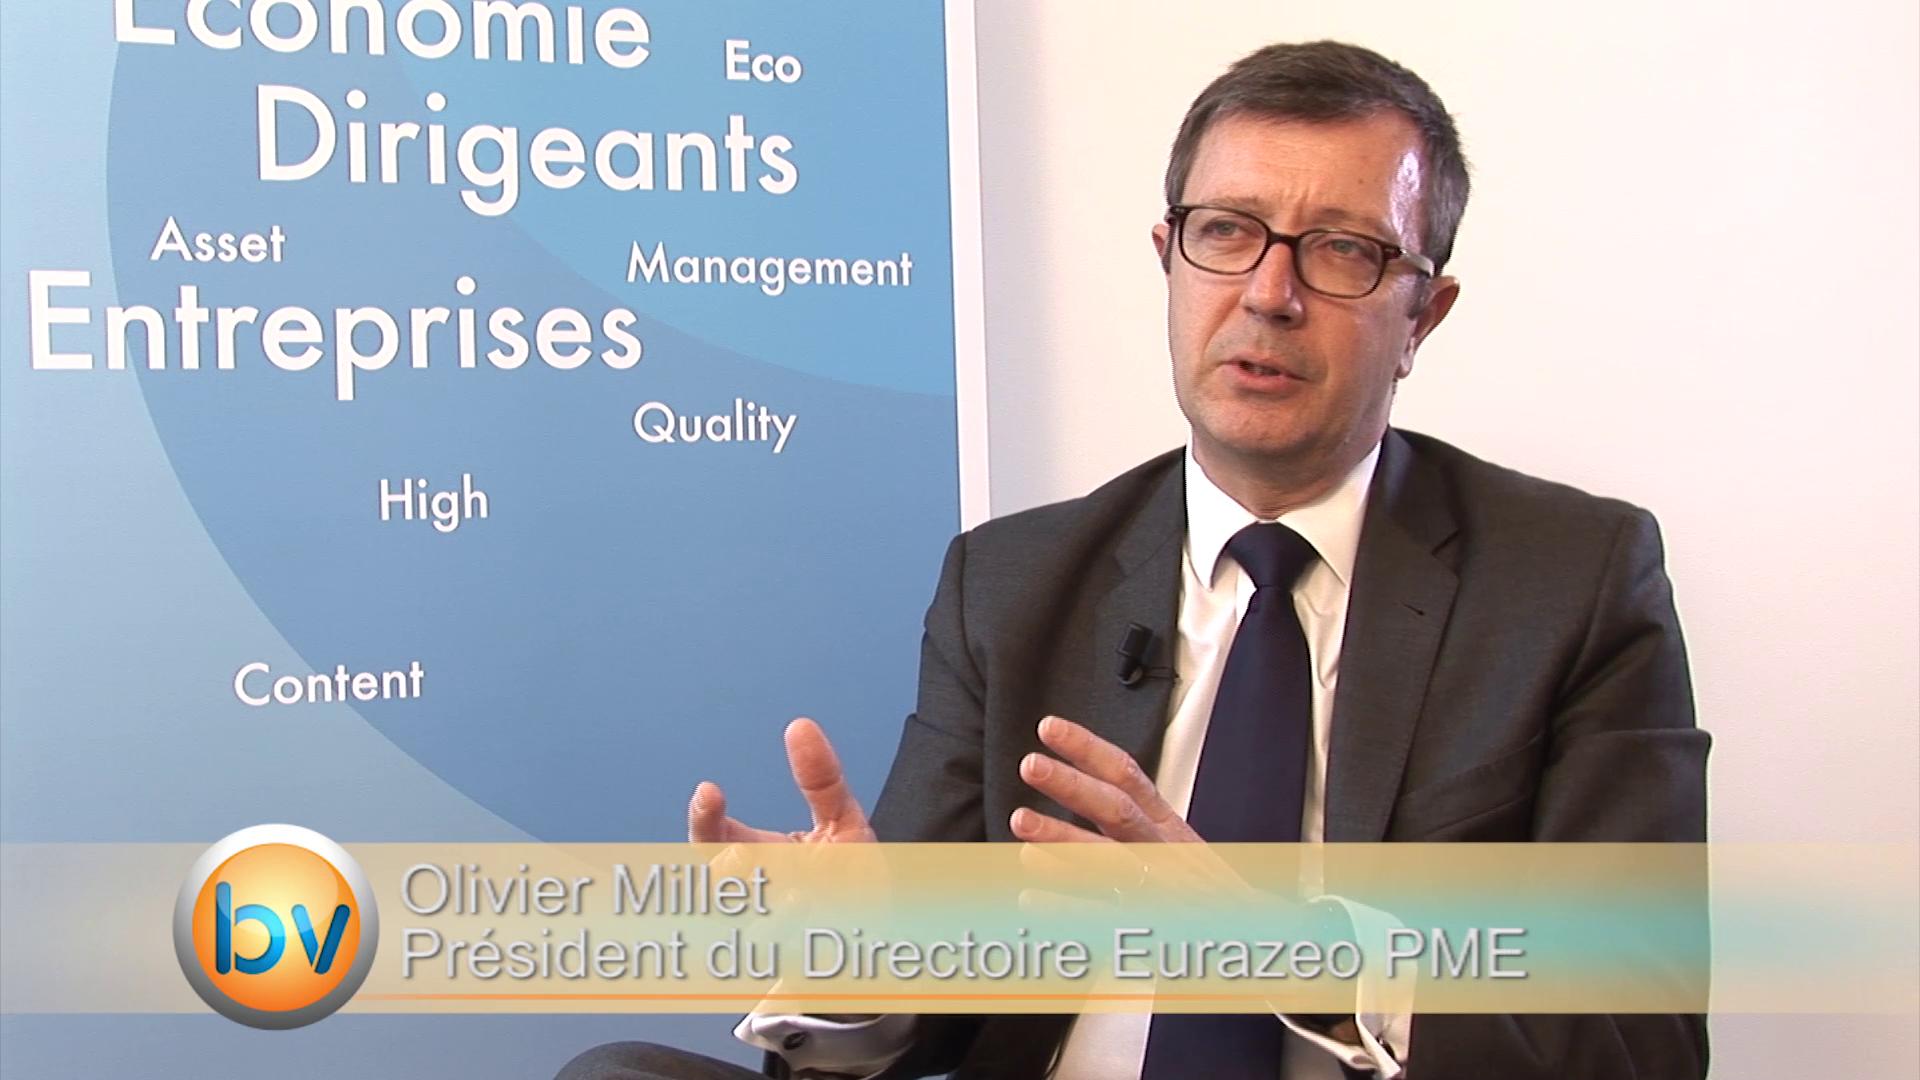 """Olivier Millet Président du Directoire Eurazeo PME : """"La rentabilité c'est le résultat d'un travail dans la durée"""""""